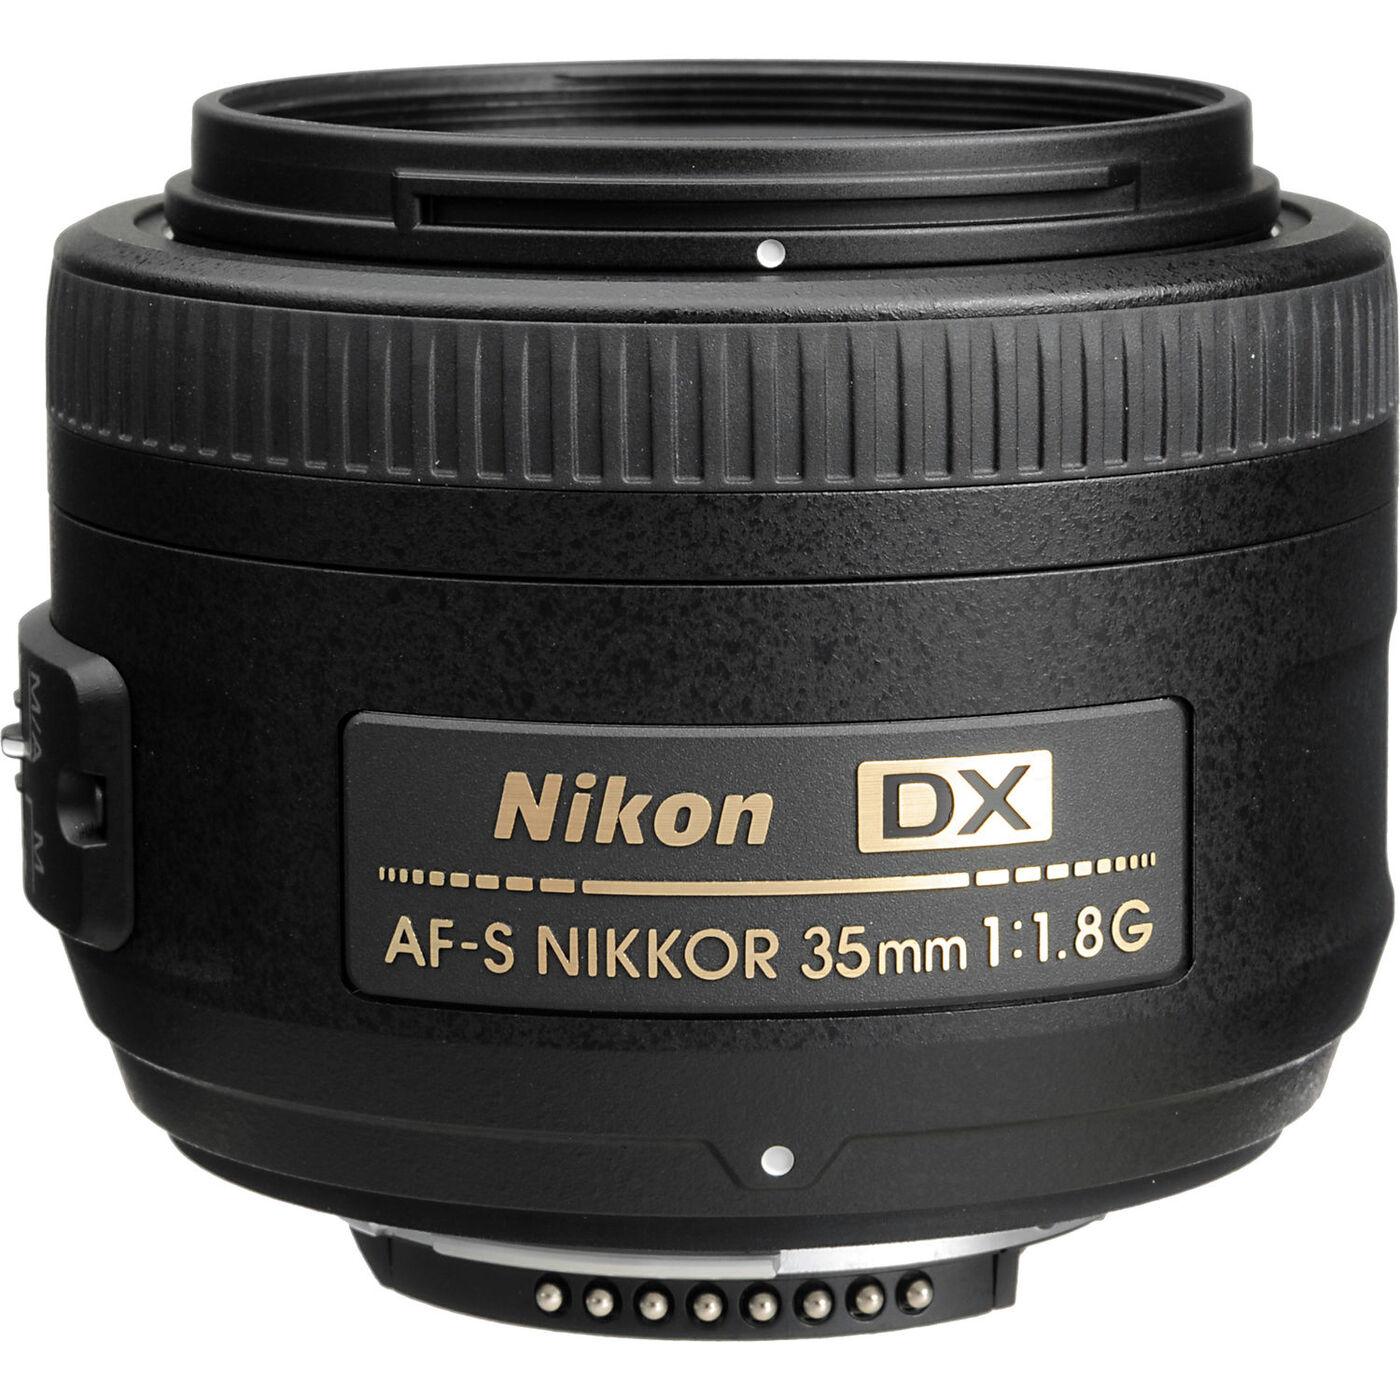 Объектив Nikon AF-S Nikkor DX 35mm f/1.8G, черный